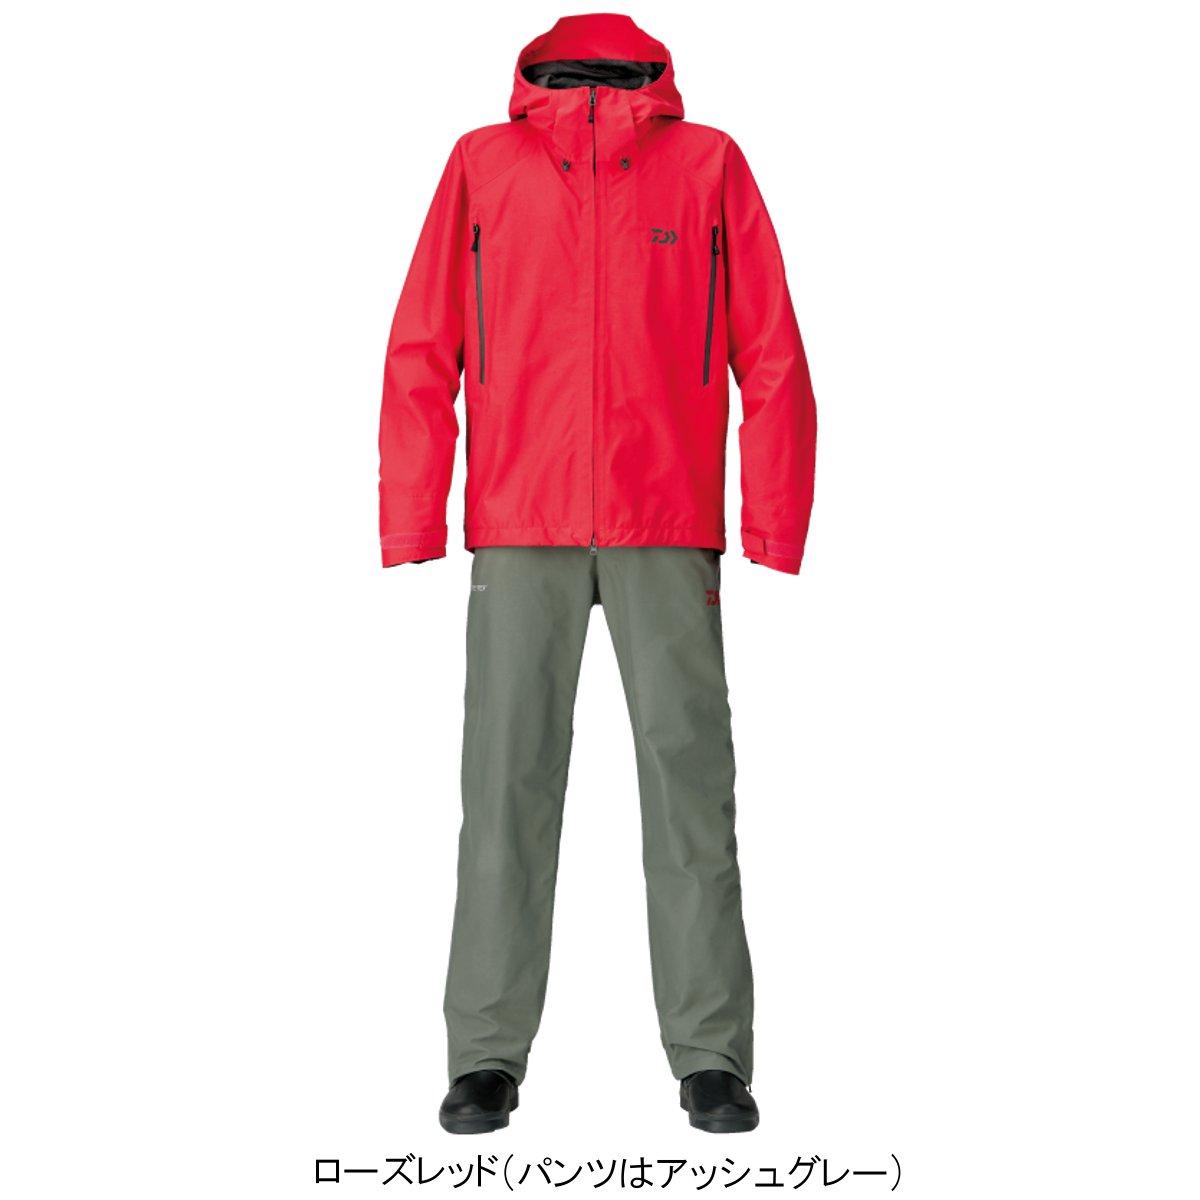 ダイワ ゴアテックス プロダクト レインスーツ DR-1607 XL ローズレッド(東日本店)